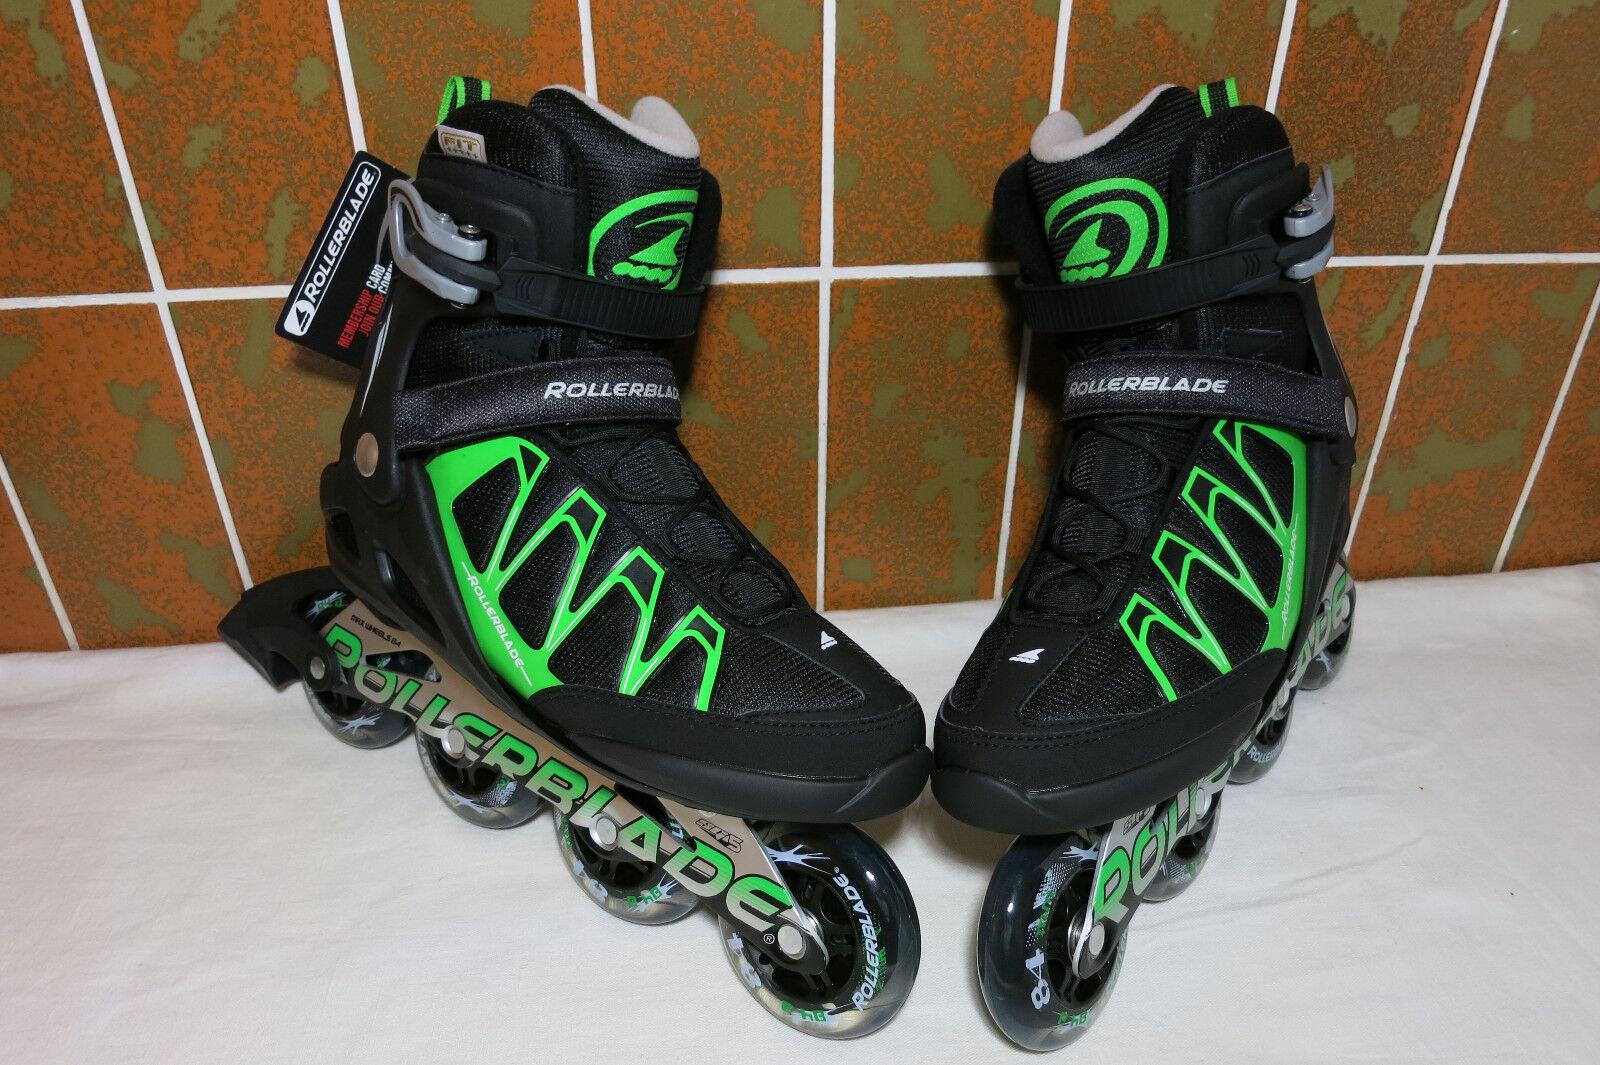 SUPER Inliner Gr Skates von Rollerblade Gr Inliner 44,5 roces k2 fila NEU  NP 159,95 d29c0c